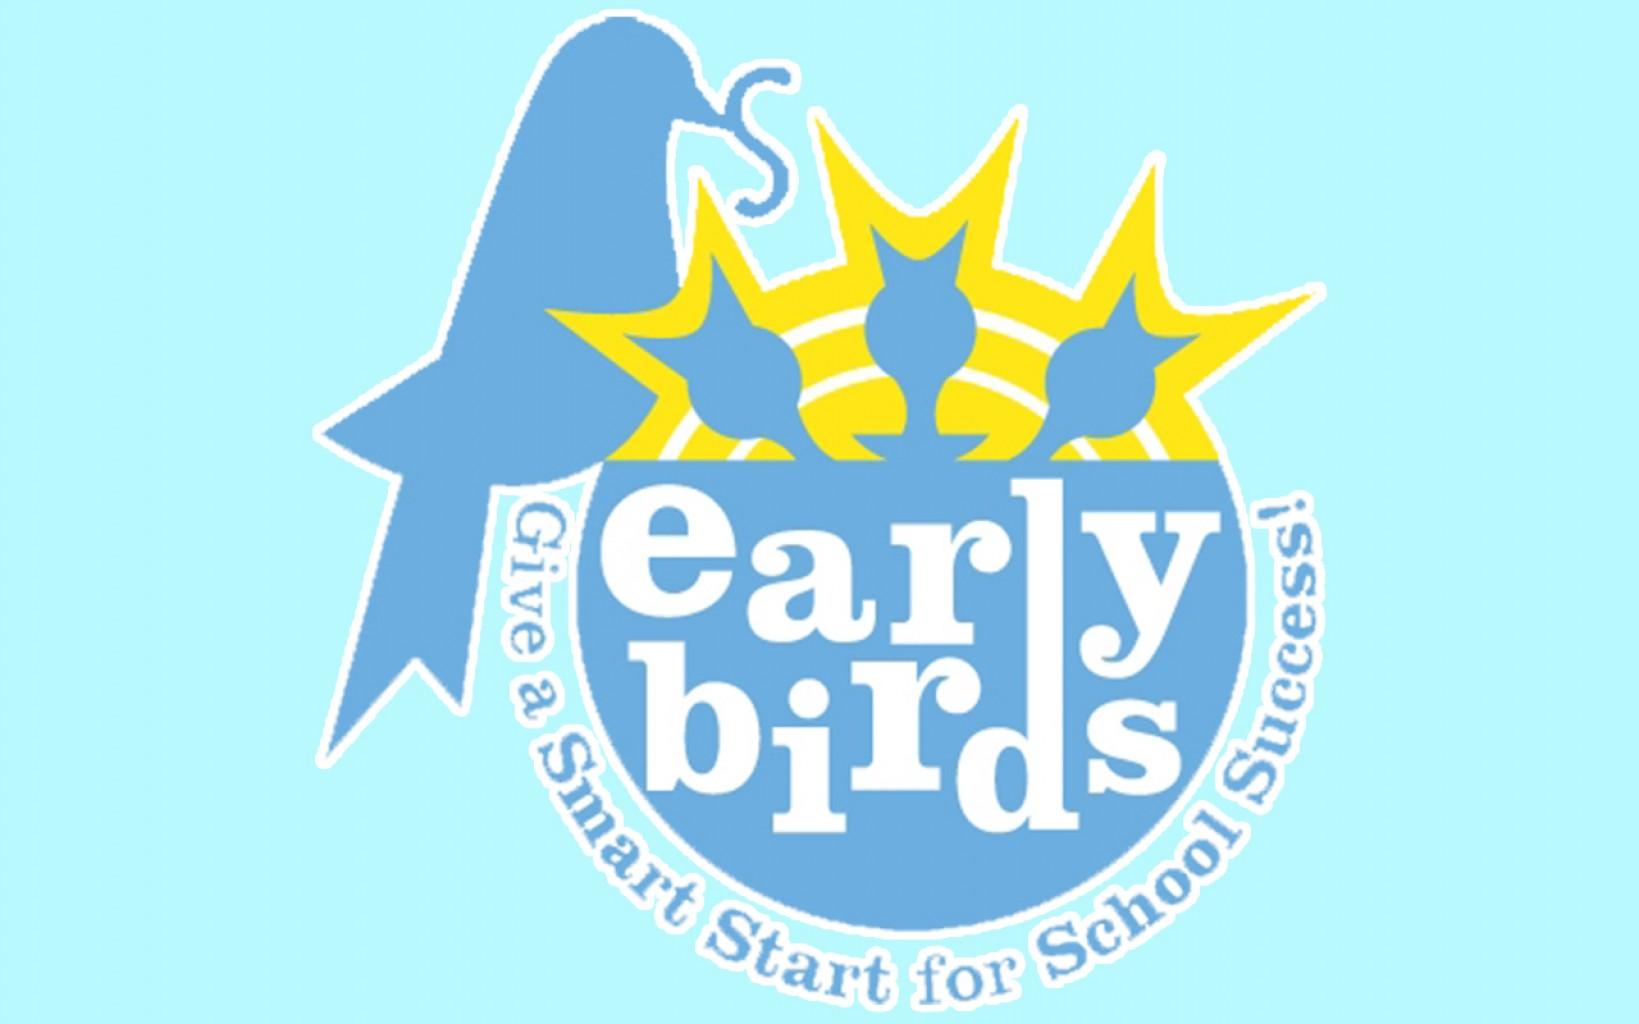 ¡Bienvenidos a Early Birds!